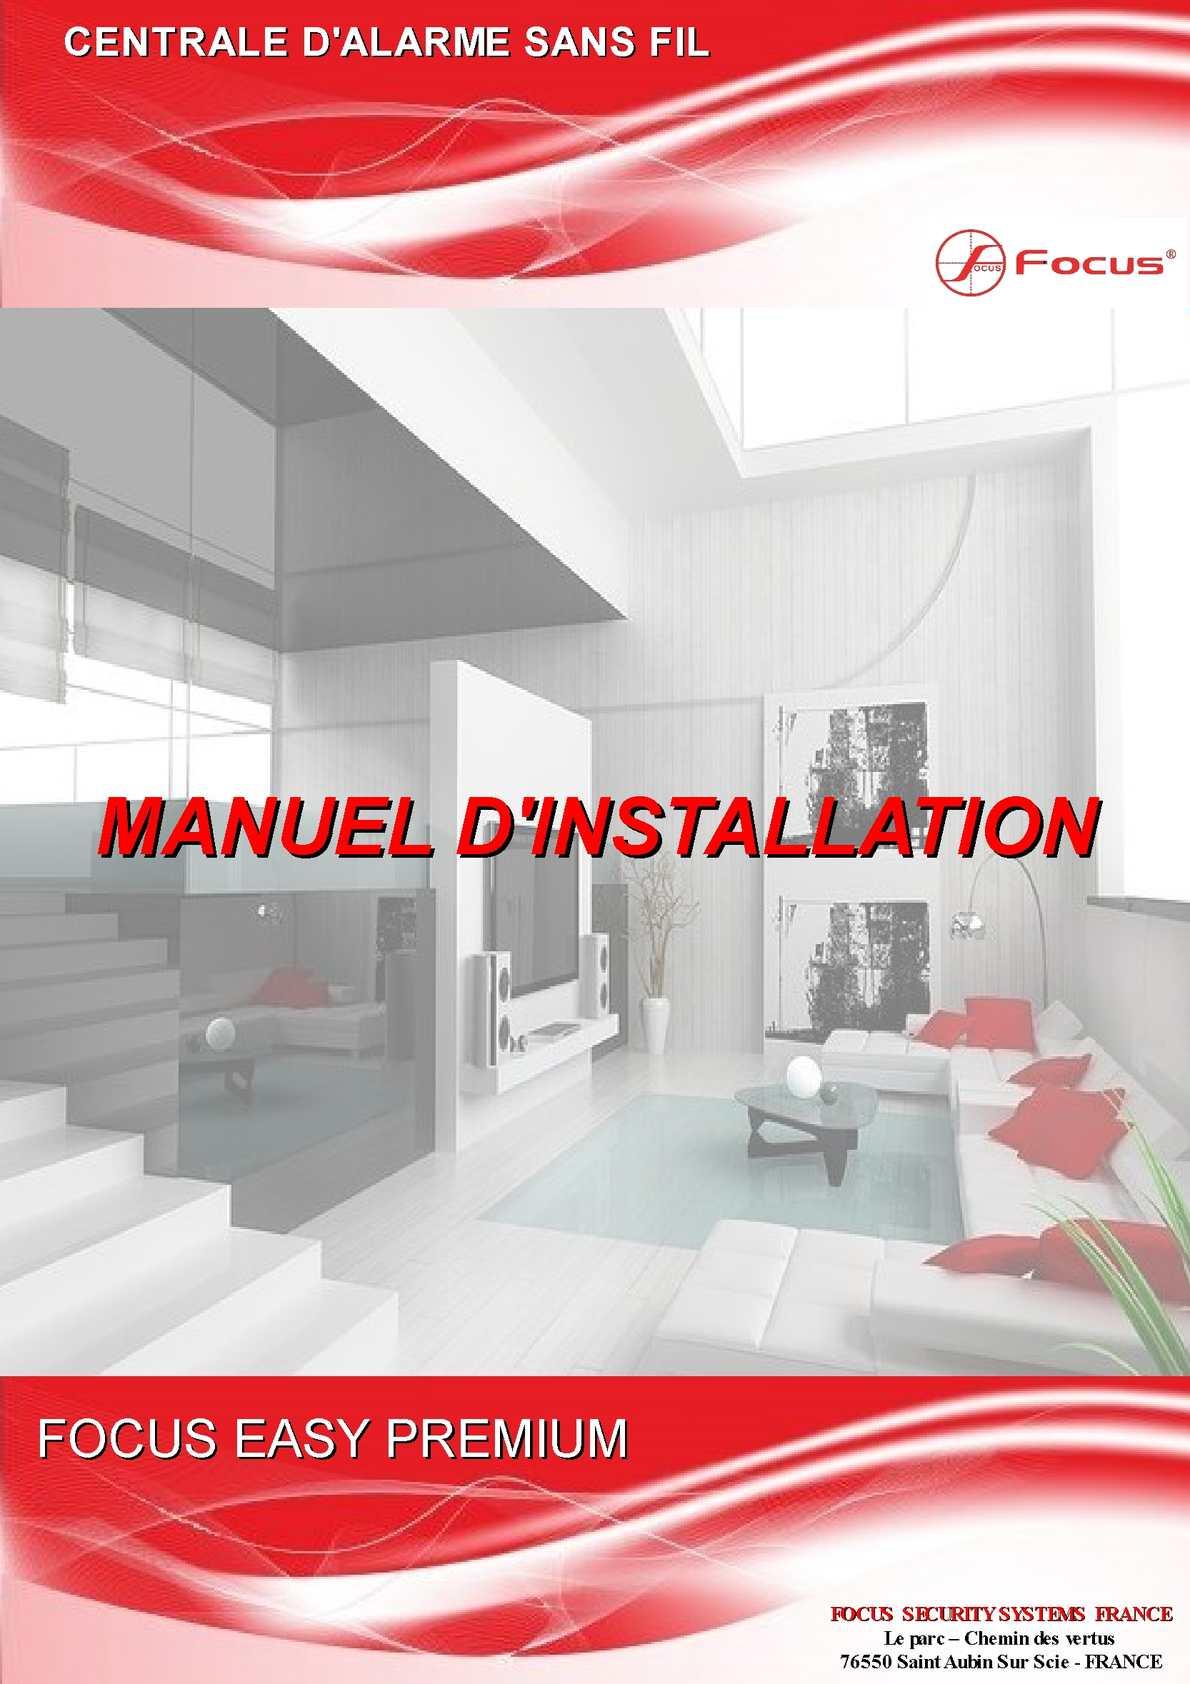 calam o notice centrale d 39 alarme sans fil focus easy. Black Bedroom Furniture Sets. Home Design Ideas